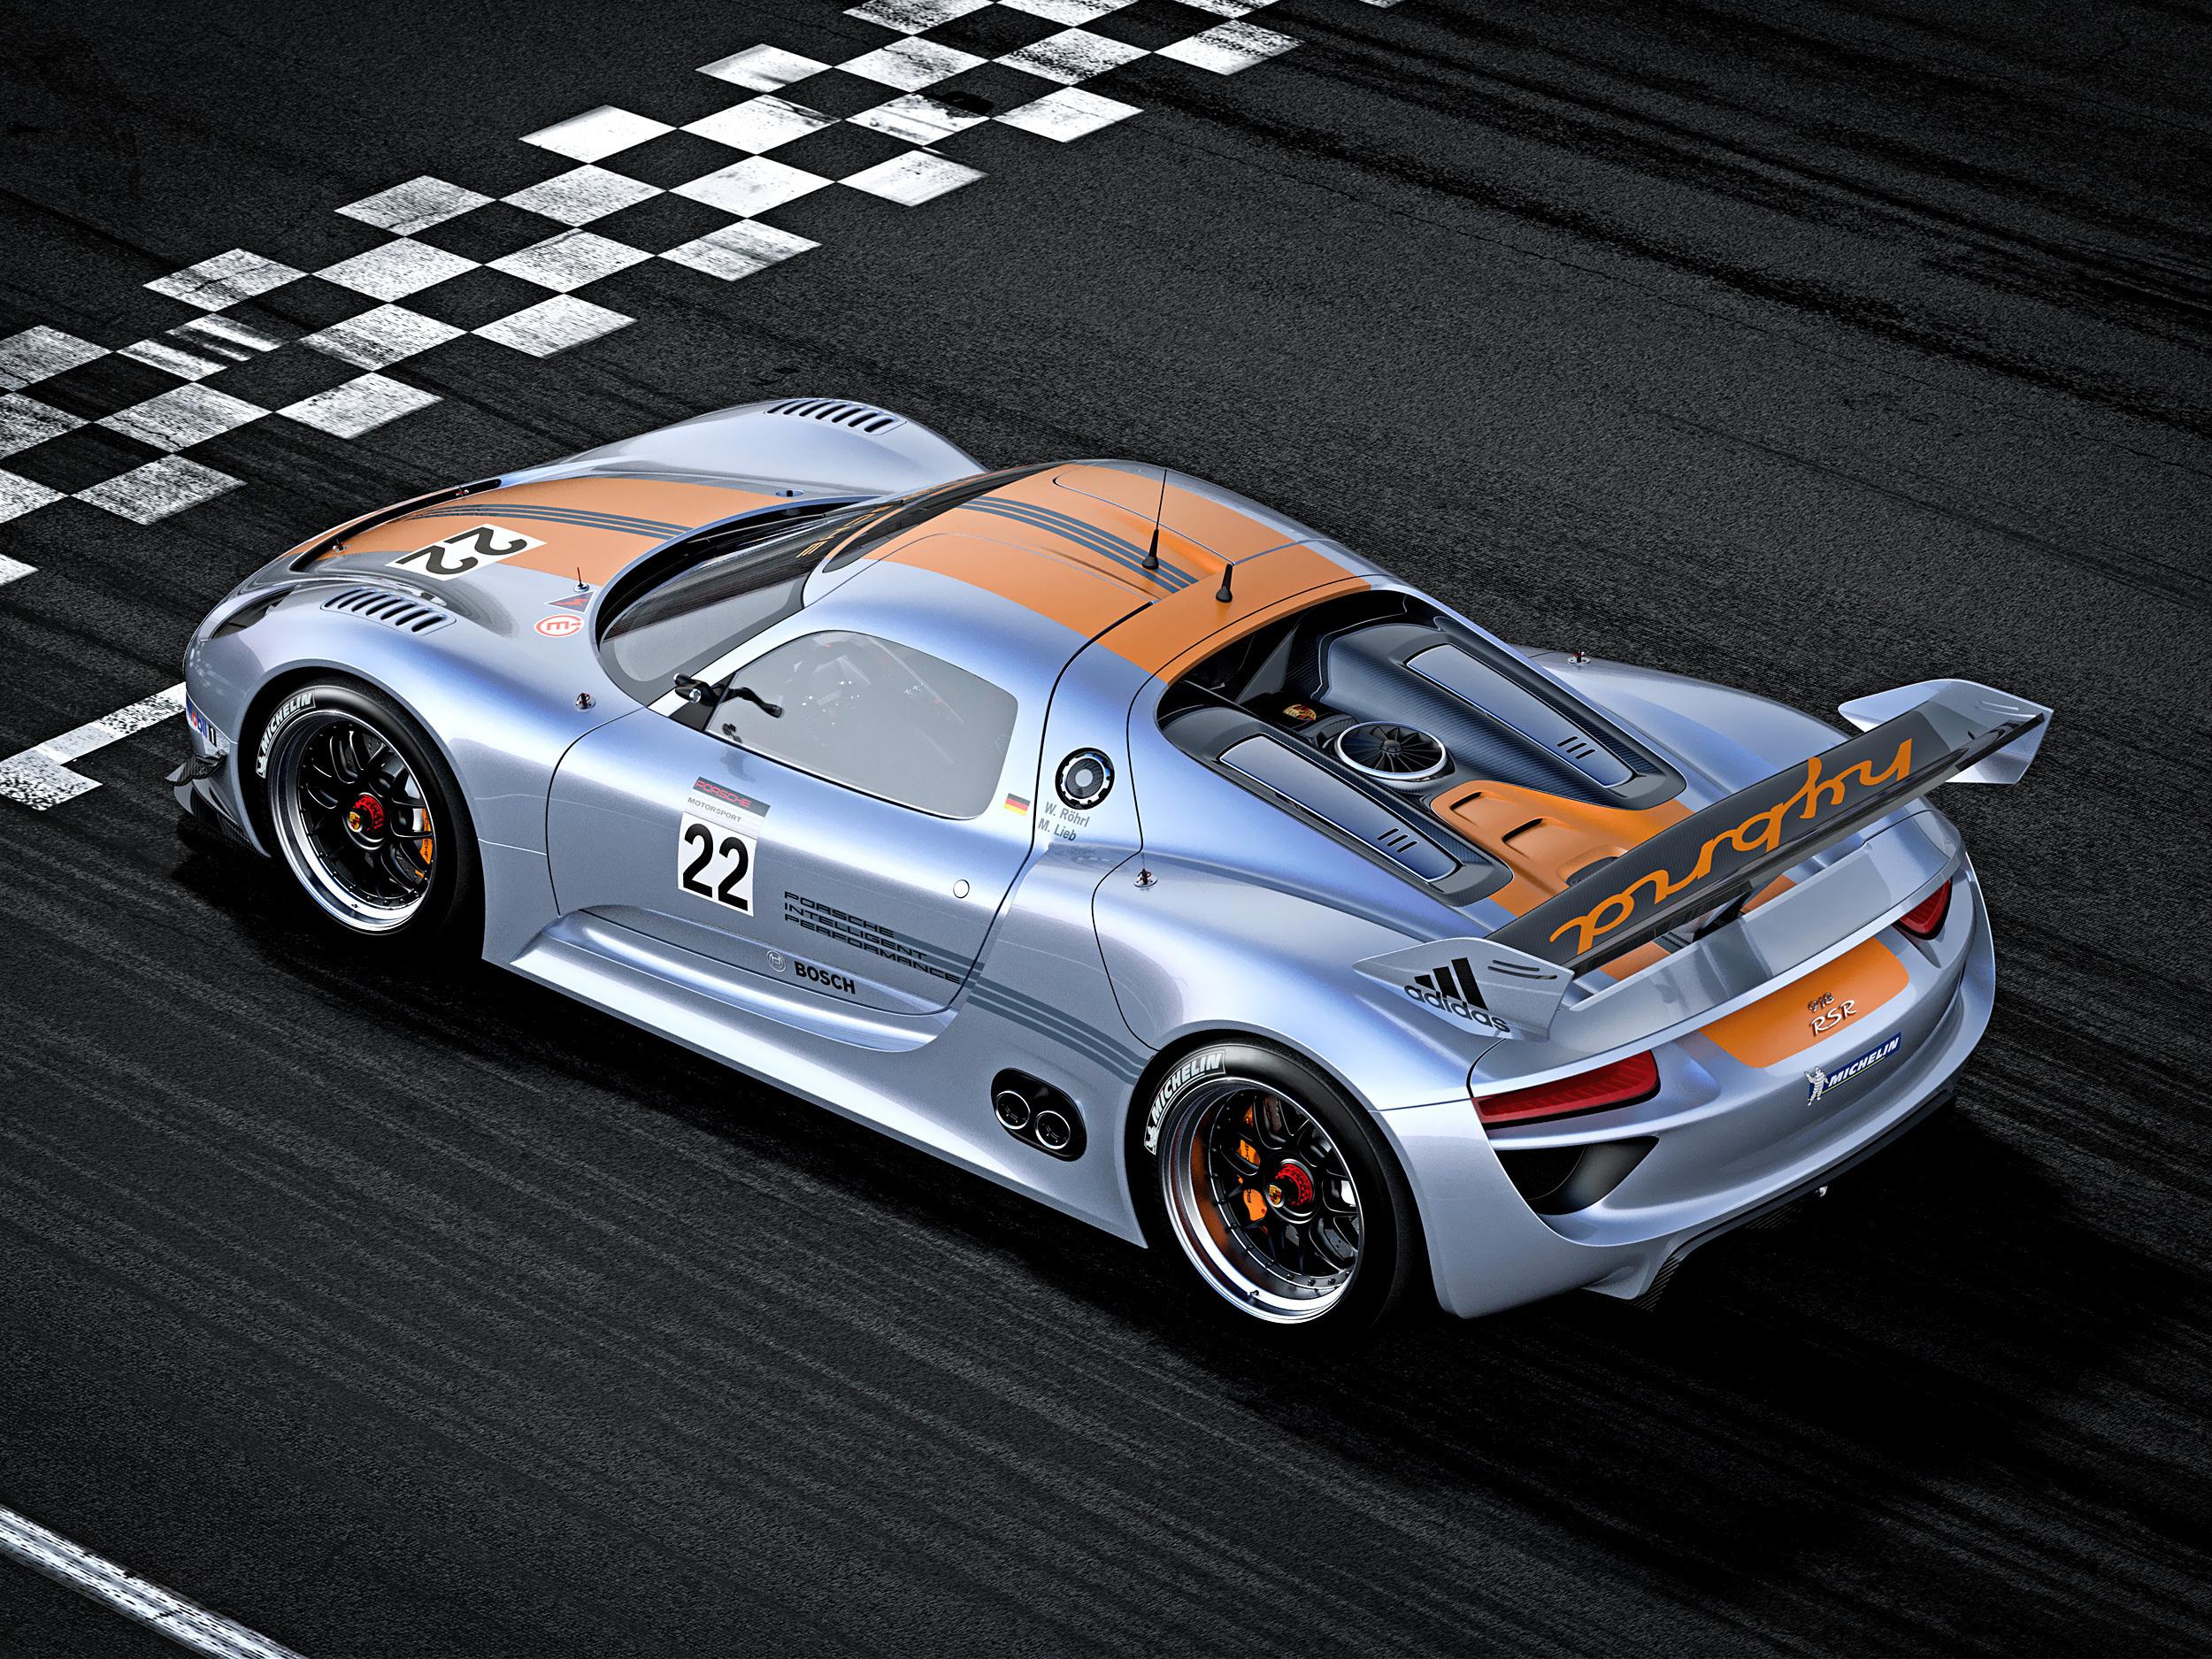 porsche 918 rsr hybrid racing race car track wallpaper. Black Bedroom Furniture Sets. Home Design Ideas